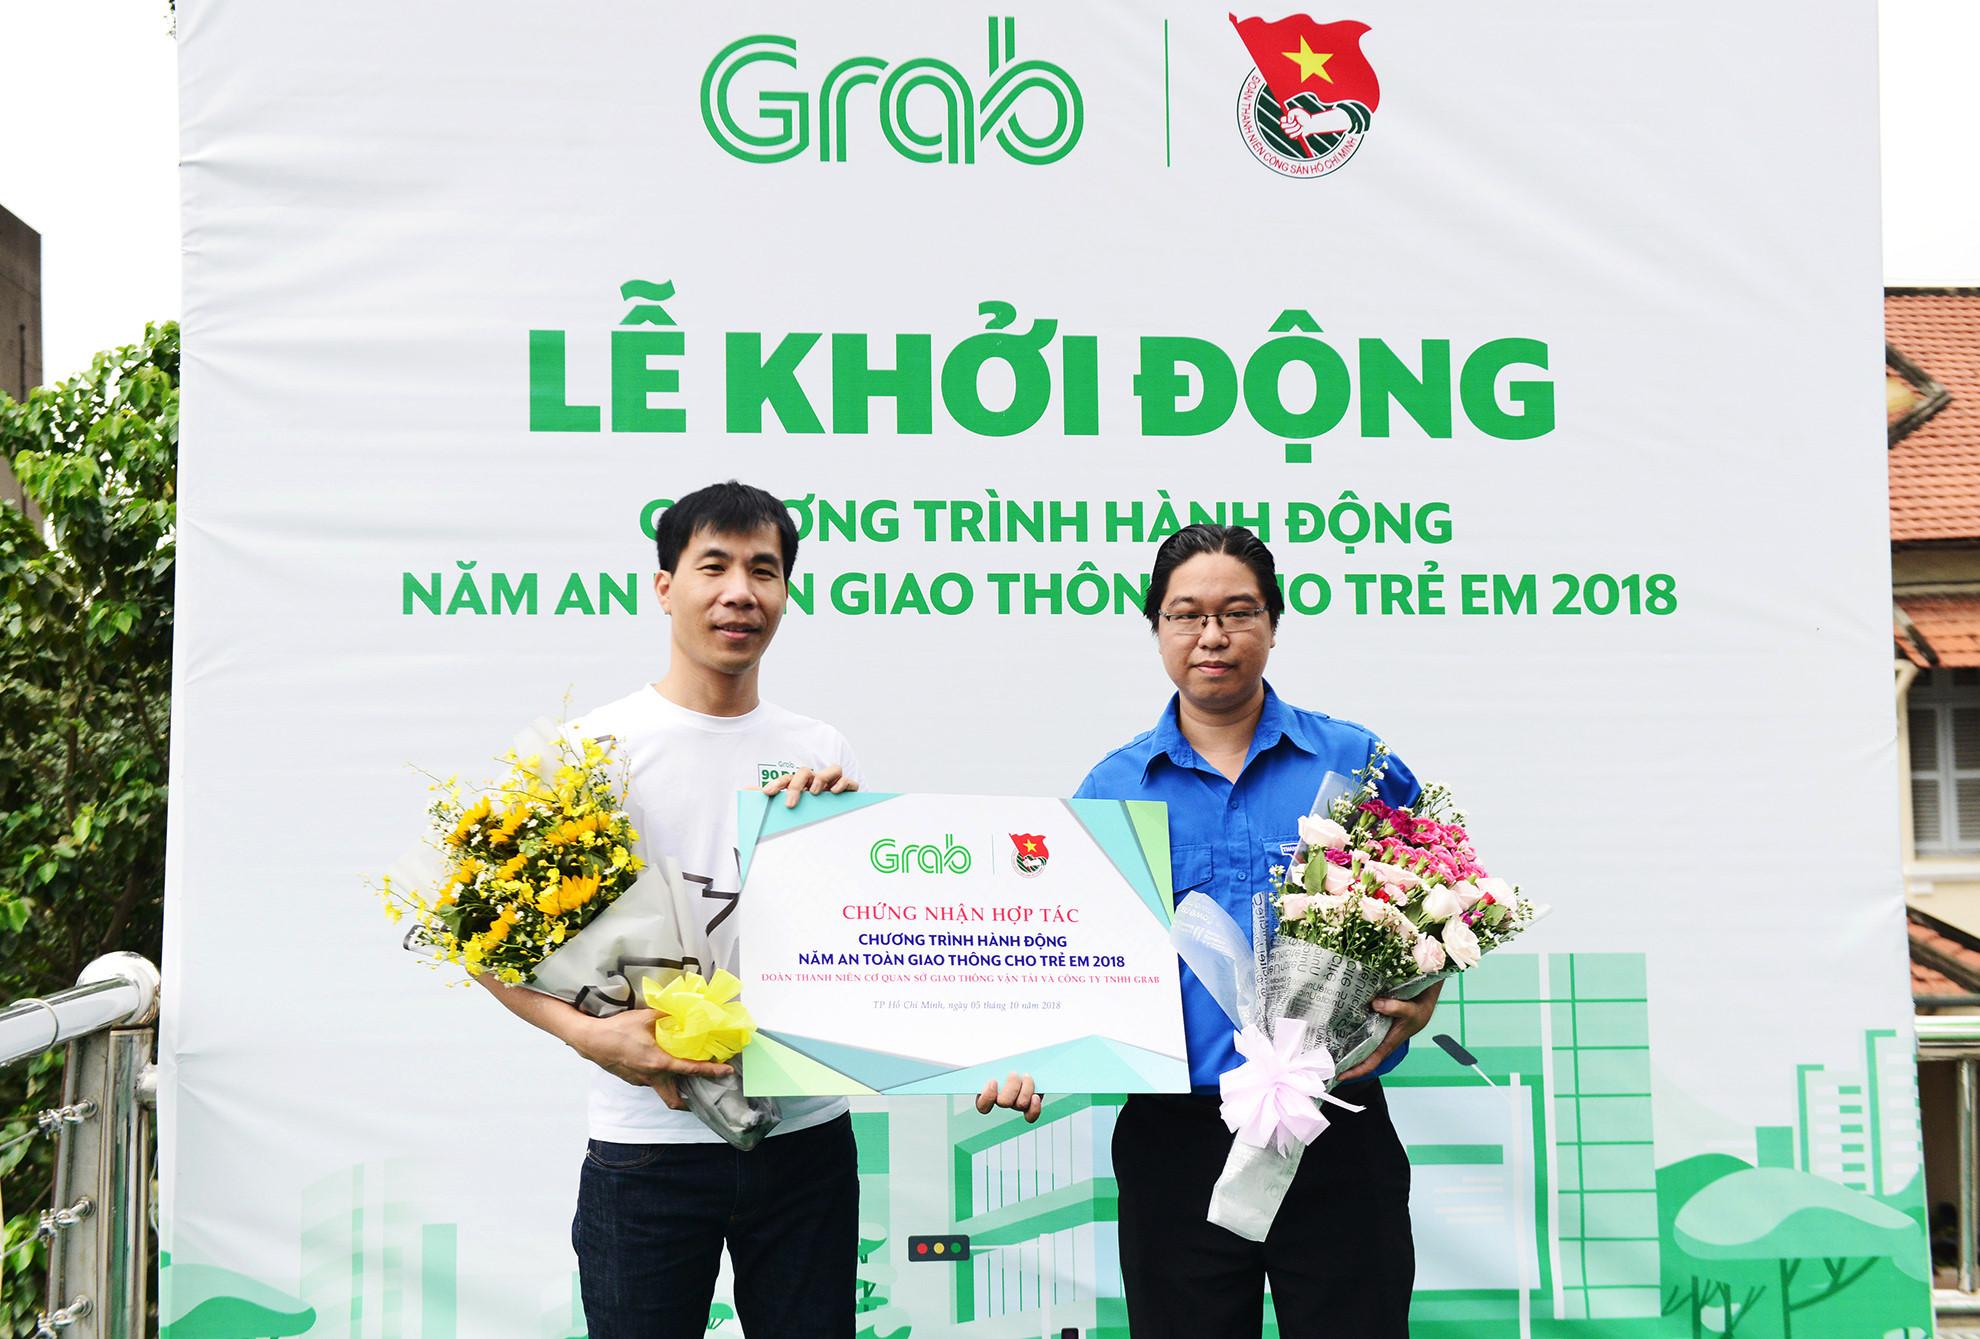 Cầu bộ hành Sài Gòn được phủ xanh, thu hút nhiều bạn trẻ Ảnh 5